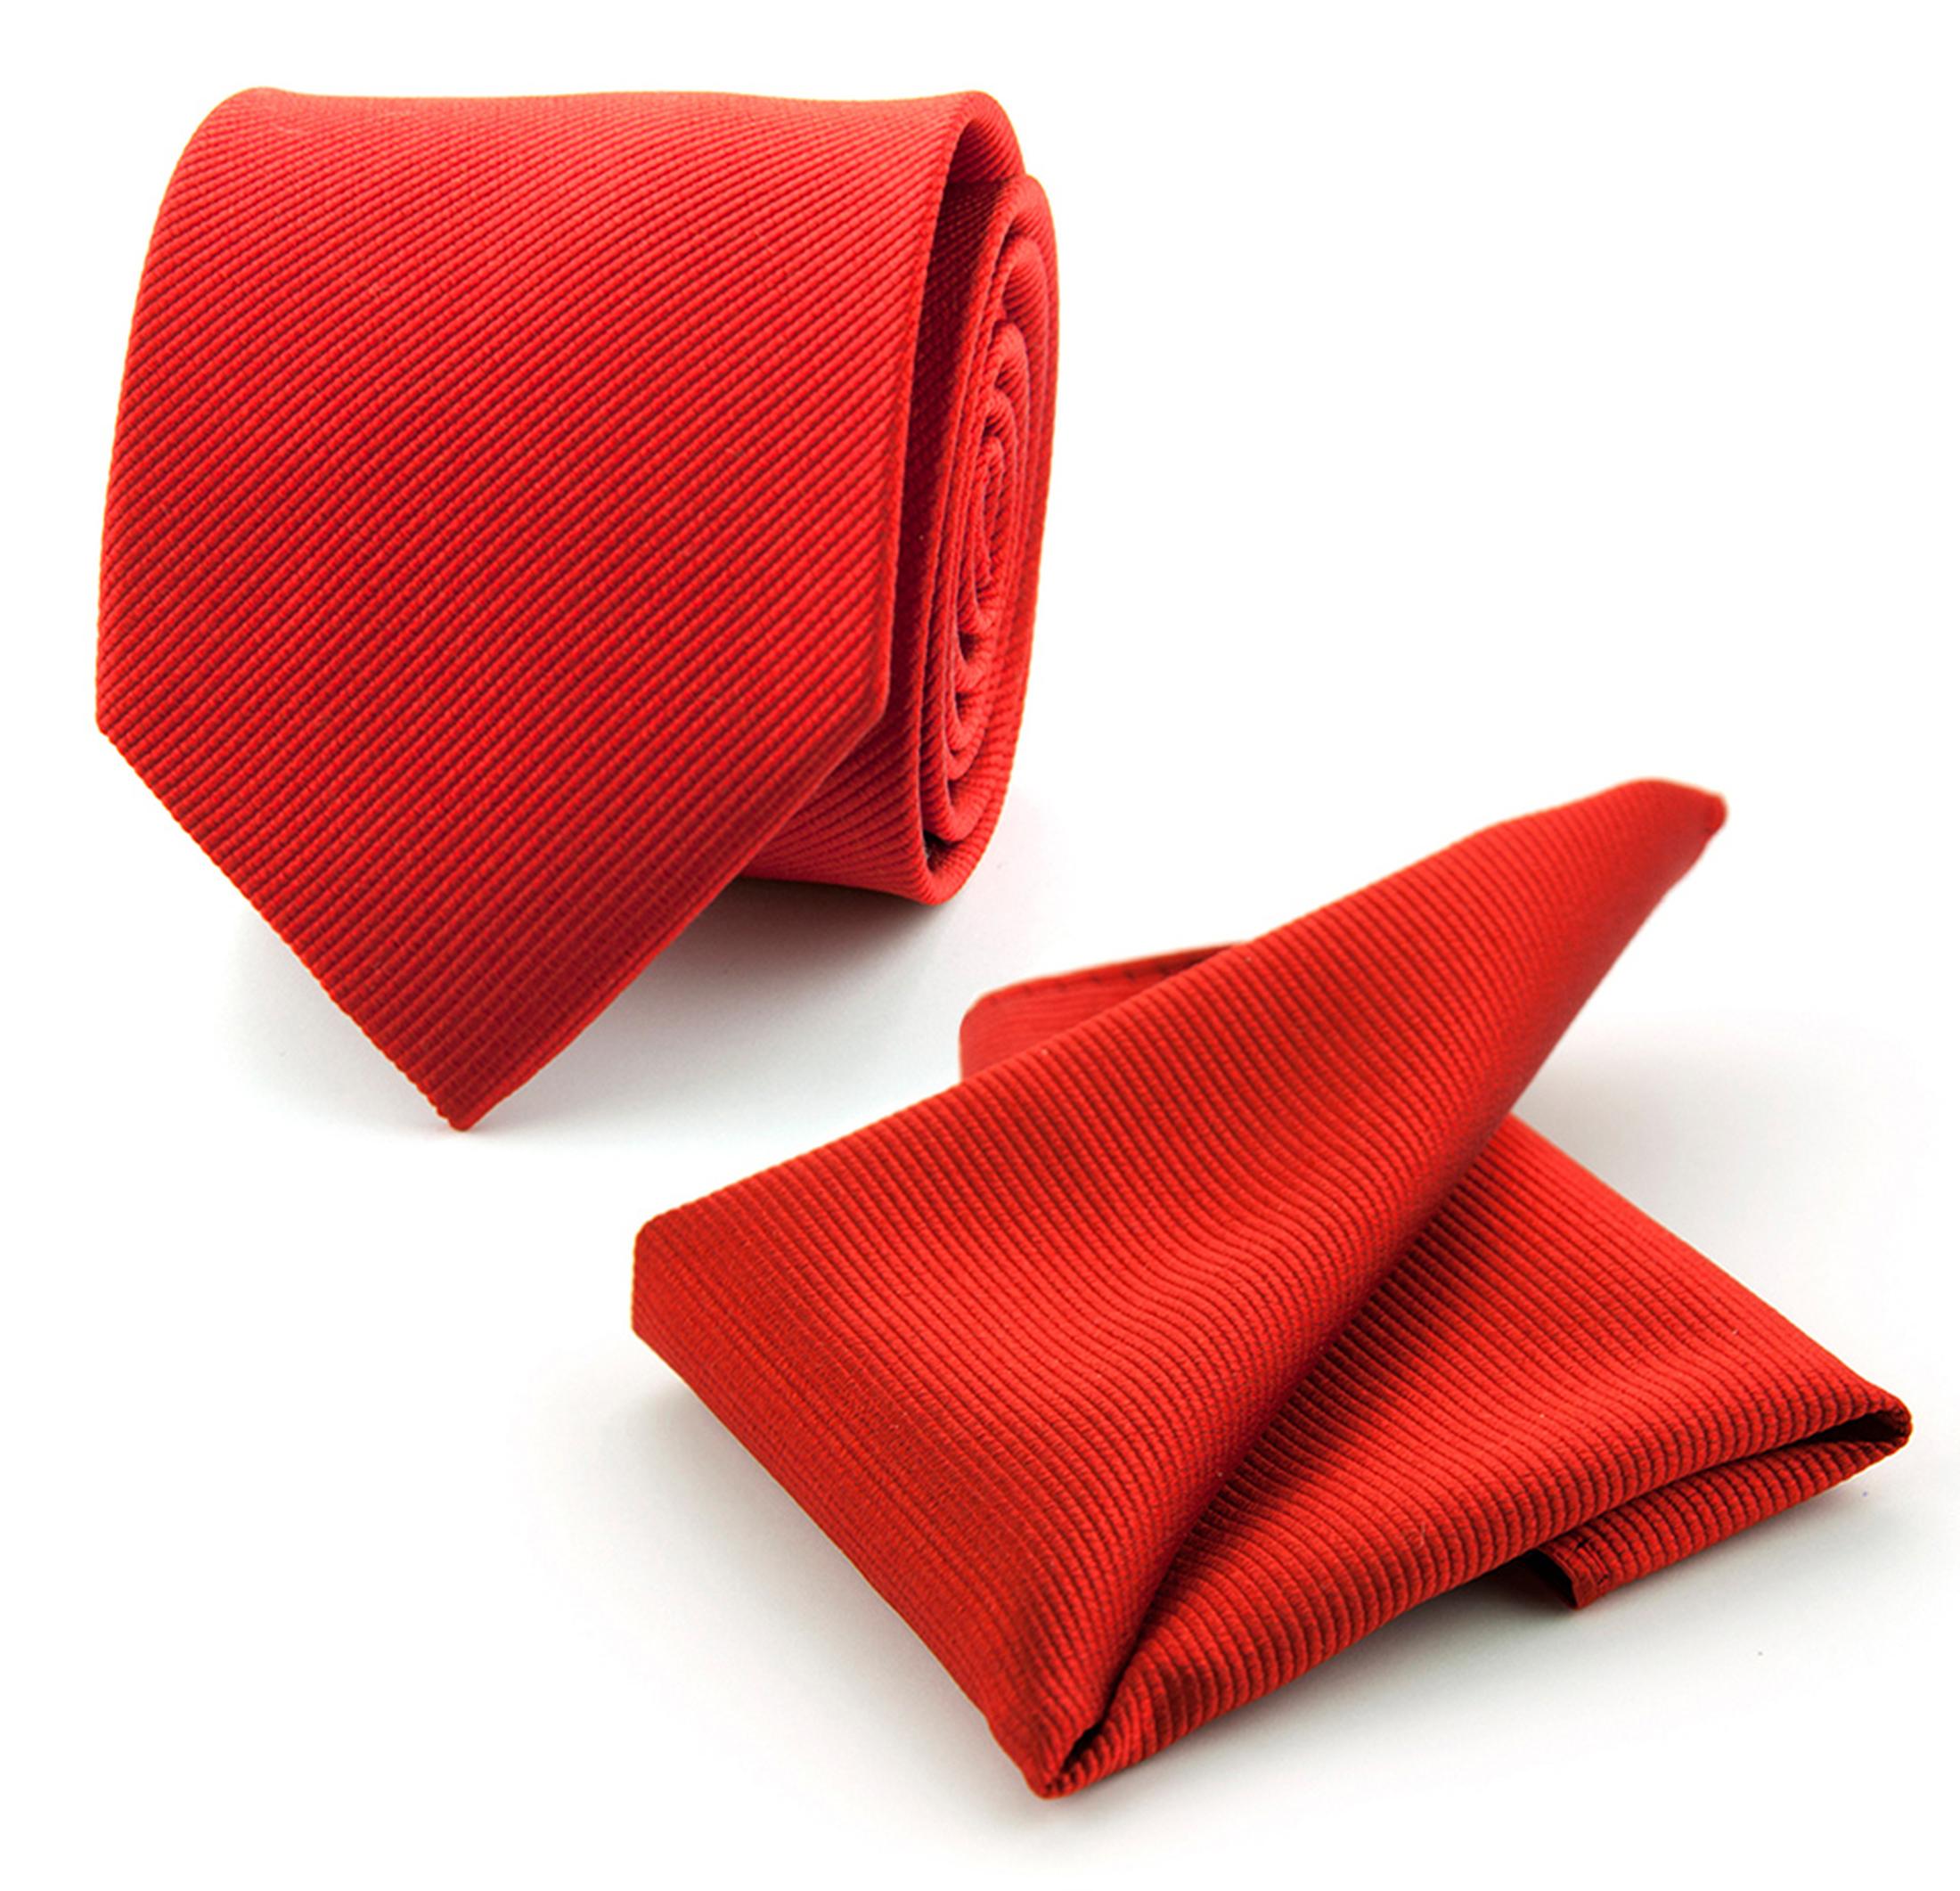 krawatte und einstecktuch set seide knallrot f34. Black Bedroom Furniture Sets. Home Design Ideas